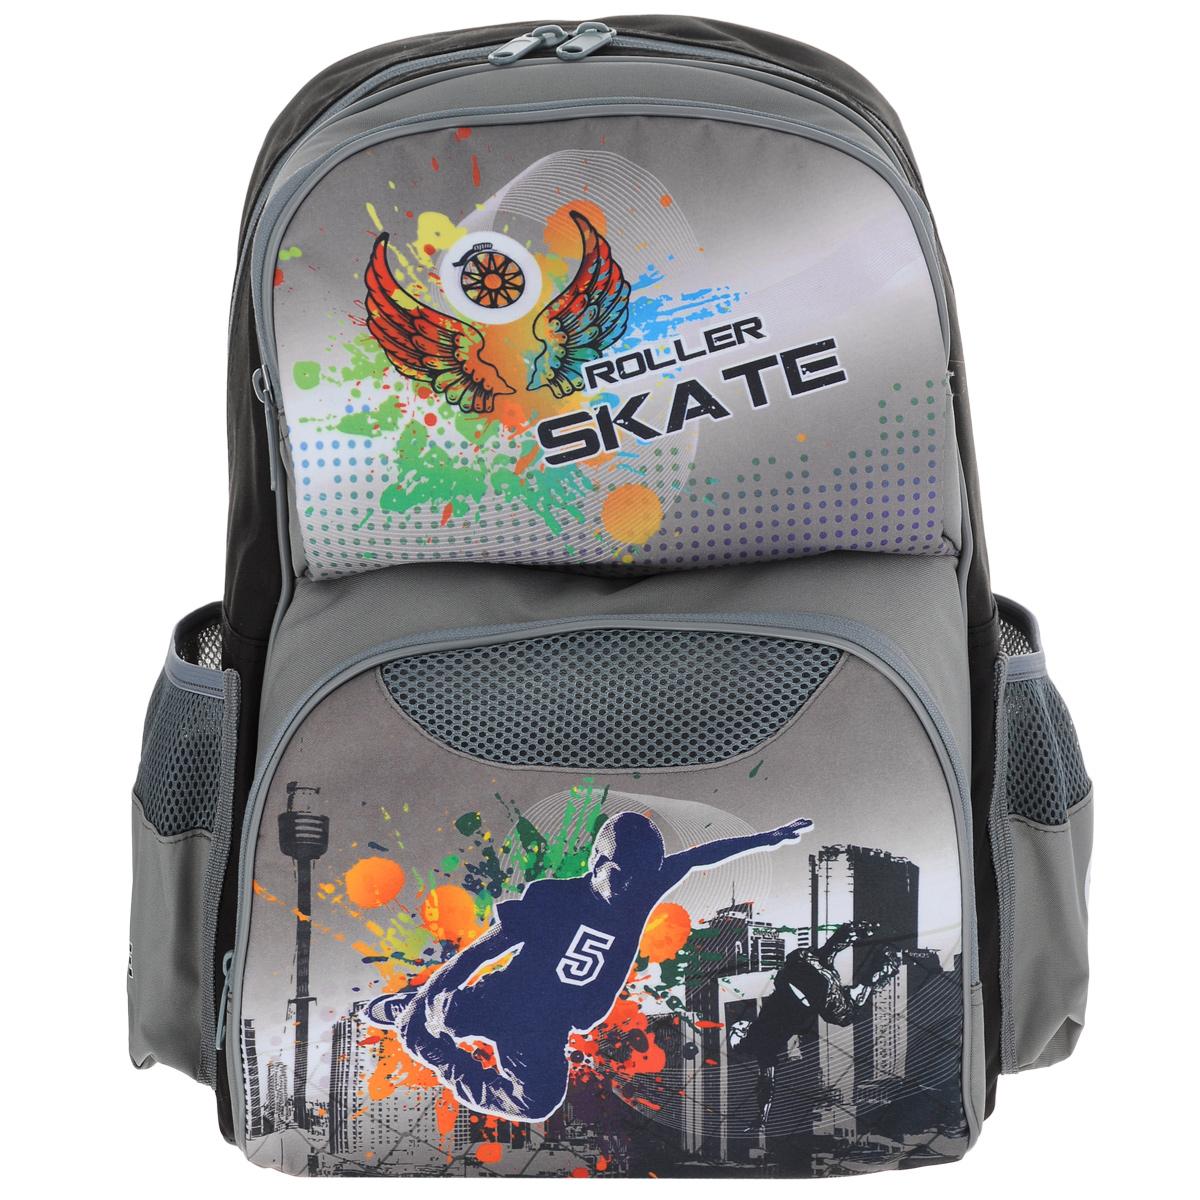 Ранец школьный Tiger Enterprise Roller Skate, цвет: серыйMD-353-4/1Стильный школьный рюкзак Roller Skate небольшого размера - это красивый и удобный ранец, который подойдет всем, кто хочет разнообразить свои школьные будни. Ранец состоит из одного основного отделения, закрывающегося на застежку-молнию с двумя бегунками. Внутри - накладной открытый карман и разделитель. На внешней стороне рюкзак имеет два накладных кармана на застежке-молнии. По бокам рюкзак имеет два сетчатых кармана, затянутых резинкой.Благодаря анатомической спинке, повторяющей контур спины и двум эргономичным плечевым ремням, длина которых регулируется, у ребенка не возникнут проблемы с позвоночником. Также есть текстильная ручка, с прорезиненной вставкой, для удобной переноски. Многофункциональный школьный ранец станет незаменимым спутником вашего ребенка в походах за знаниями.